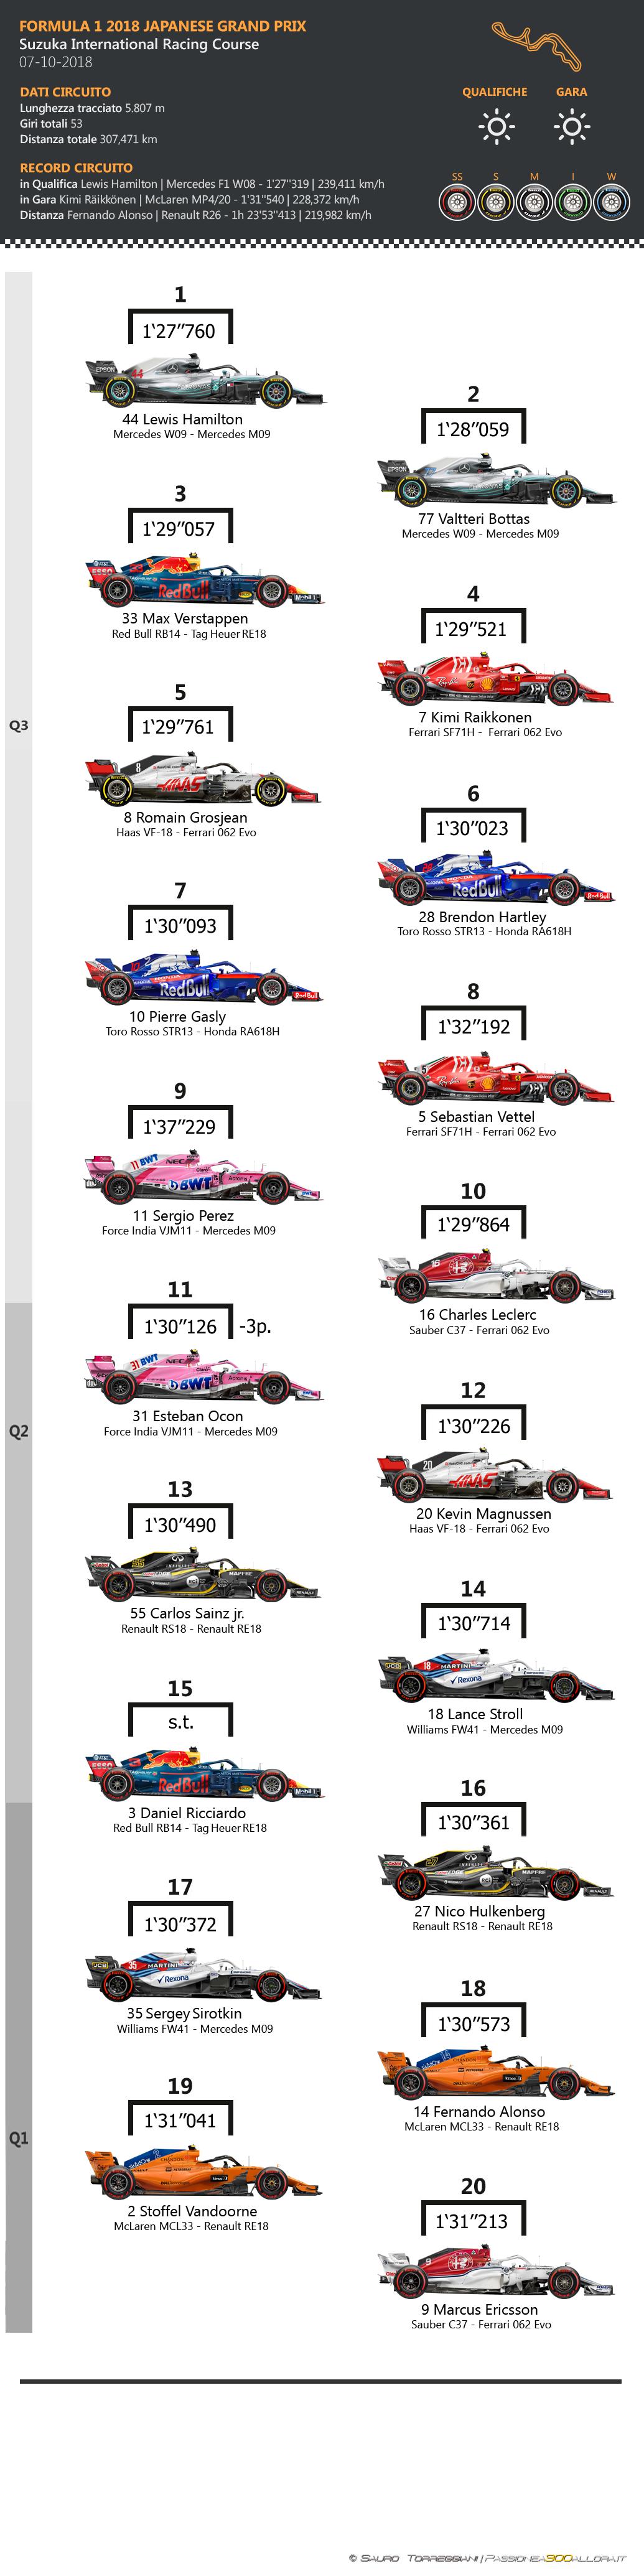 F1 | GP del Giappone 2018: griglia di partenza, penalità, set a disposizione 1